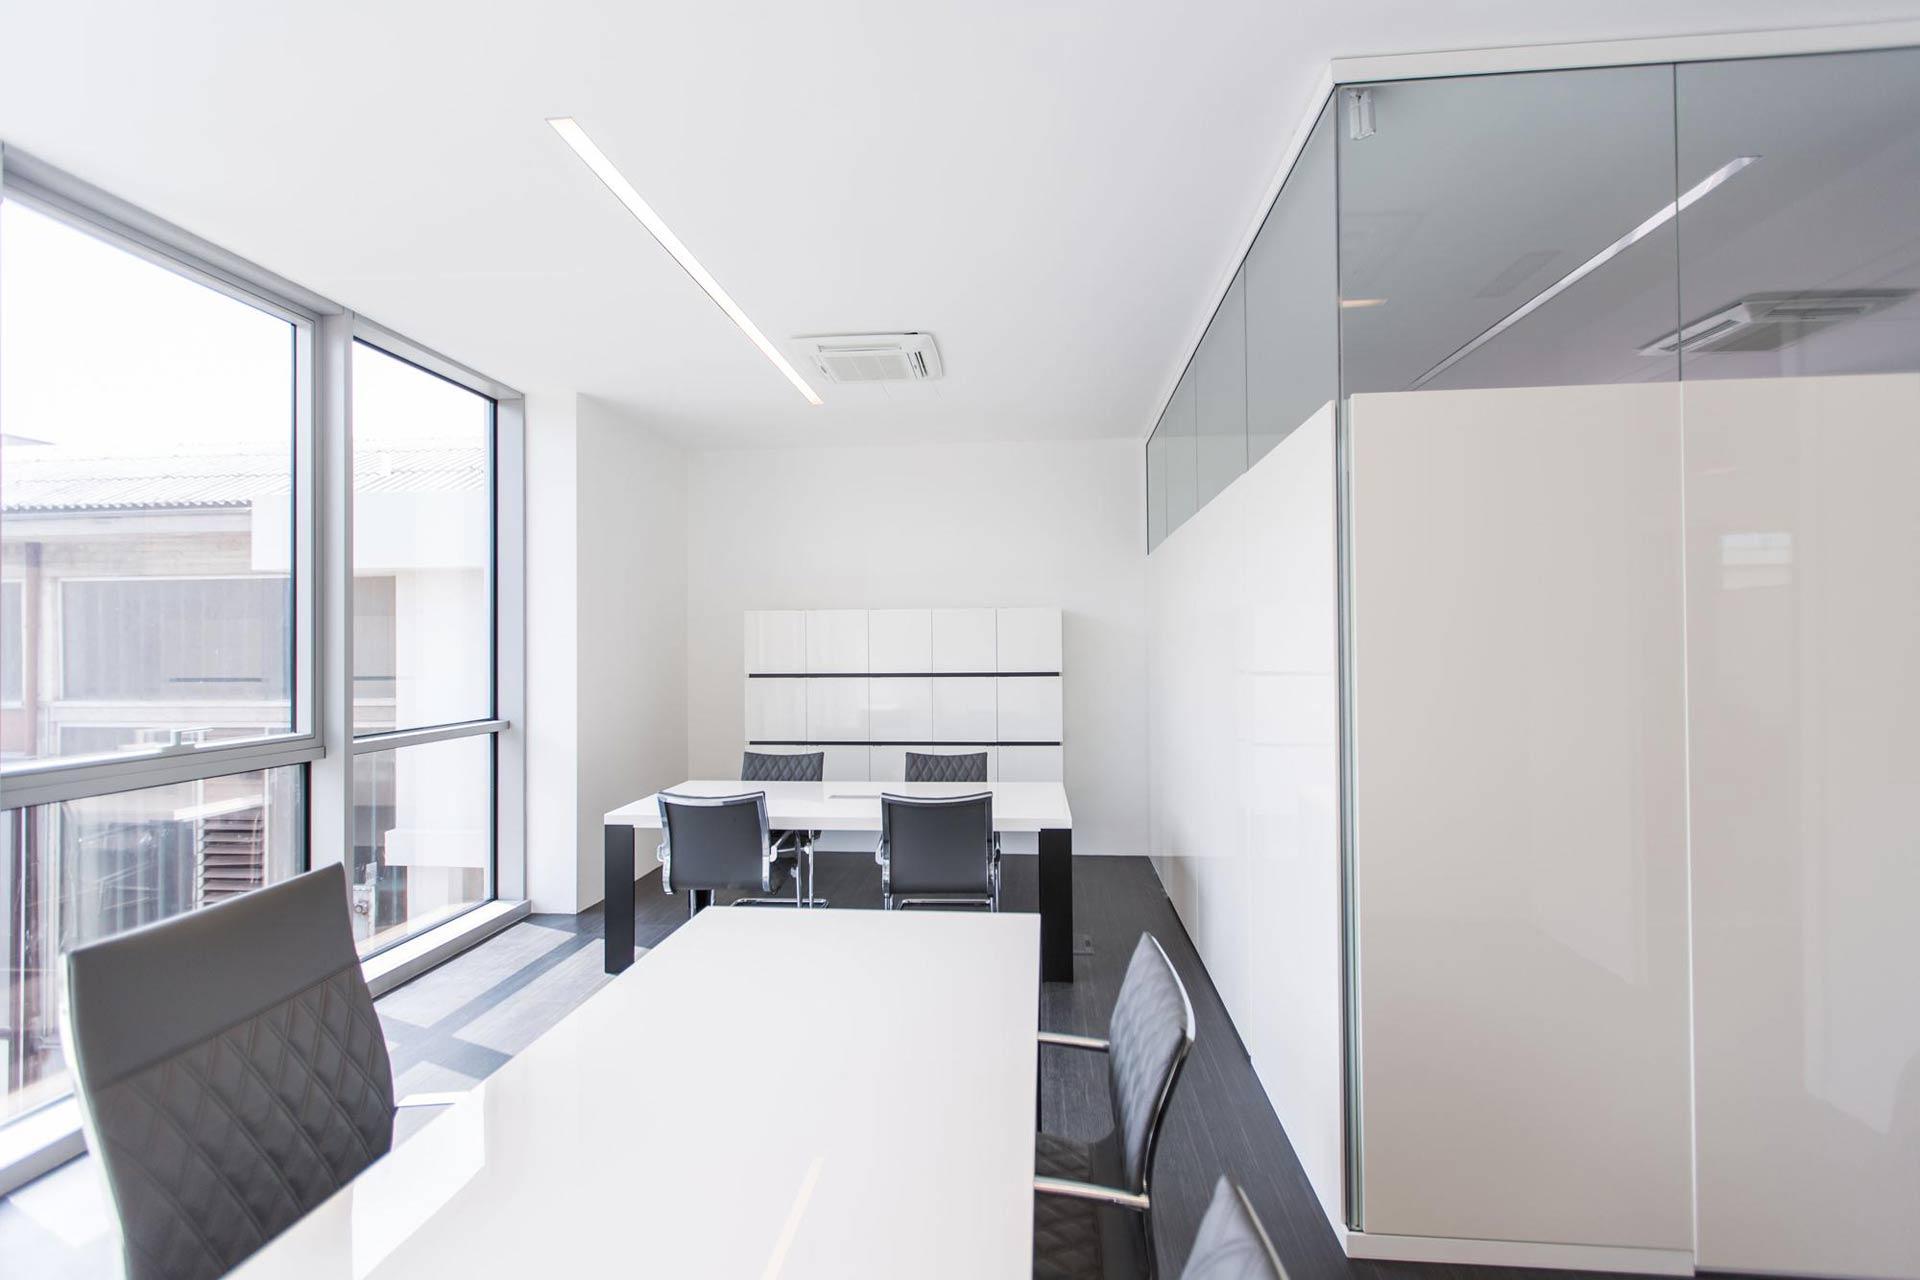 Zaggia Bruno Mobili Per Ufficio : Zaggia bruno mobili per ufficio le ultime idee sulla casa e sul